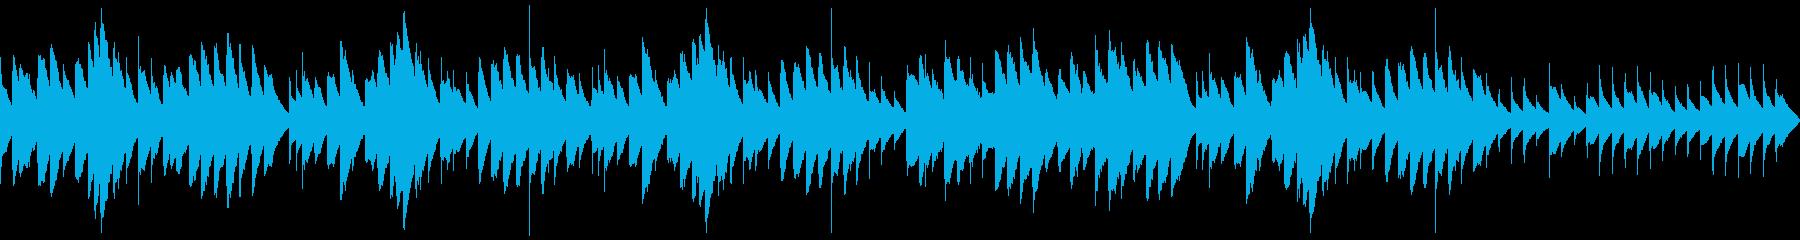 三拍子のマイナー調オルゴールの再生済みの波形